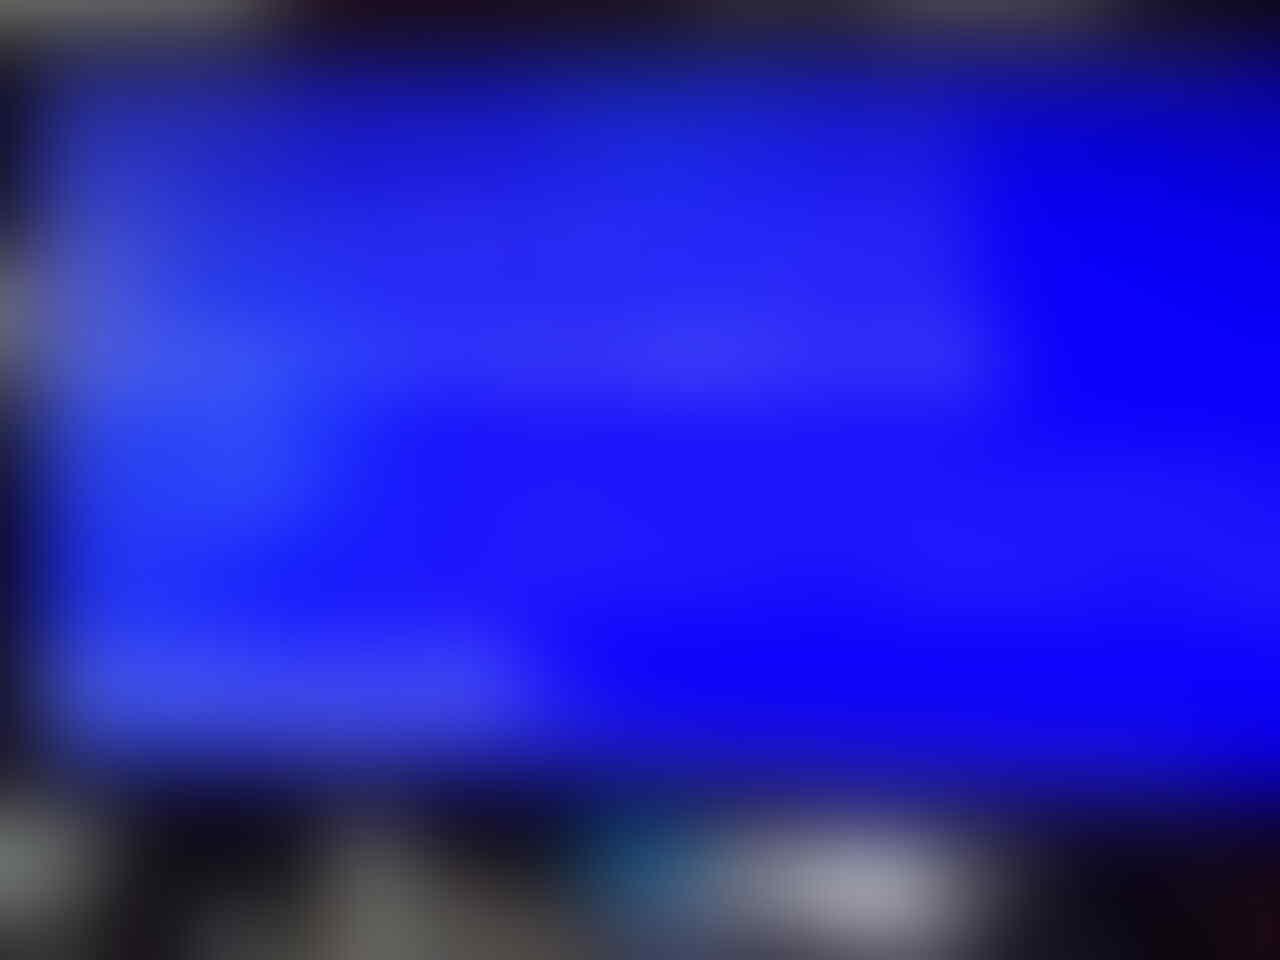 Bengkel Komputer Kaskus (Version 3.0),Kami Beri Solusi Untuk Masalah Komputer Anda - Part 4